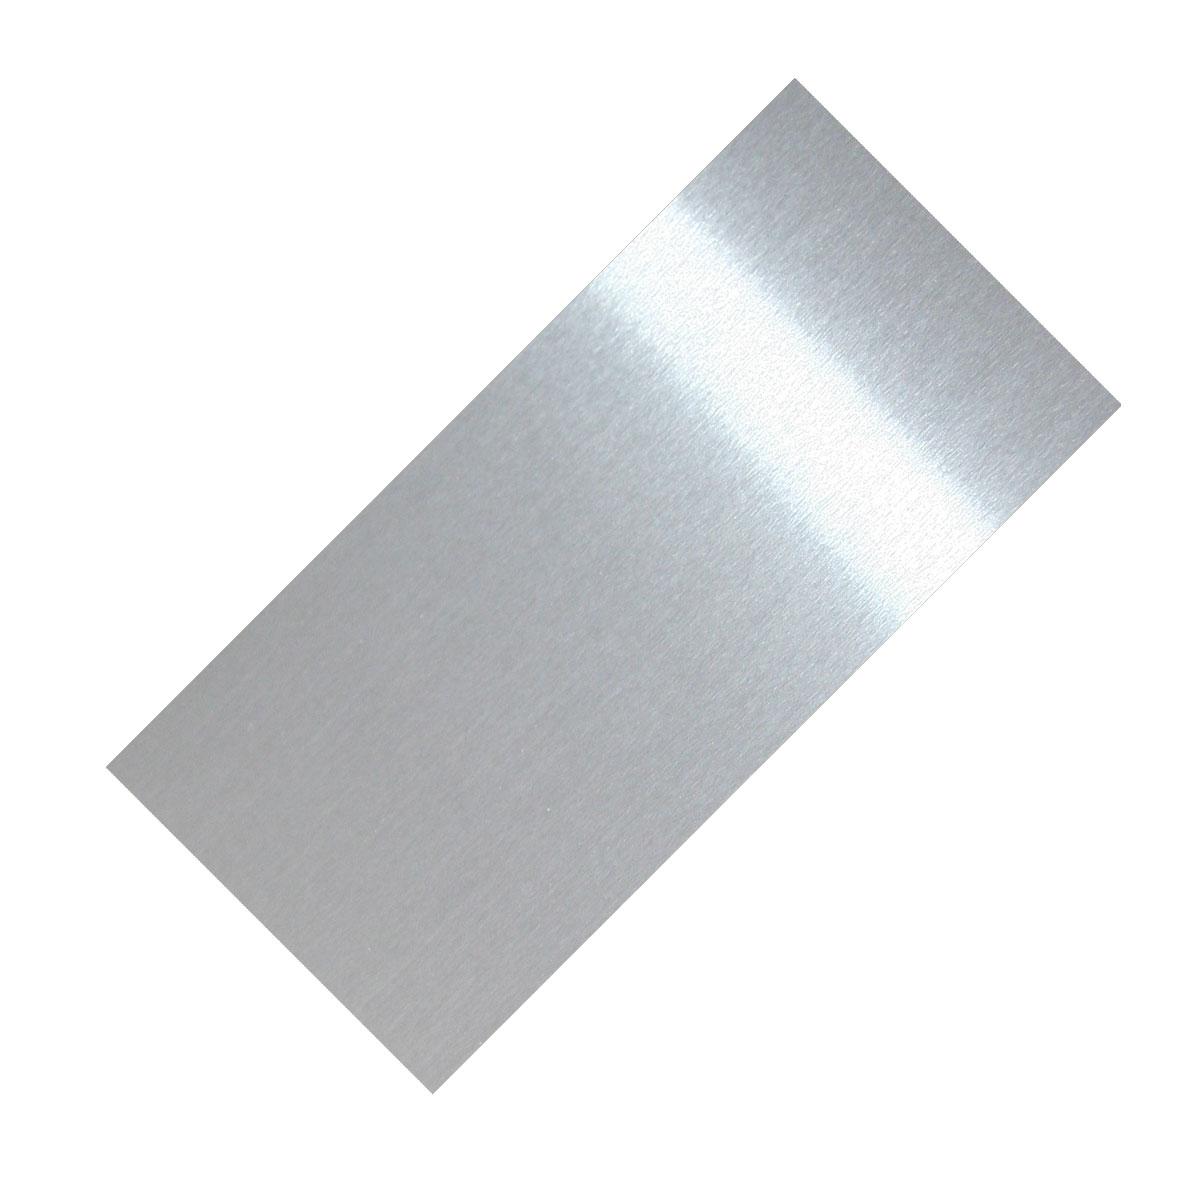 Metal półmatowy do nadruku termotransferowego i sublimacji